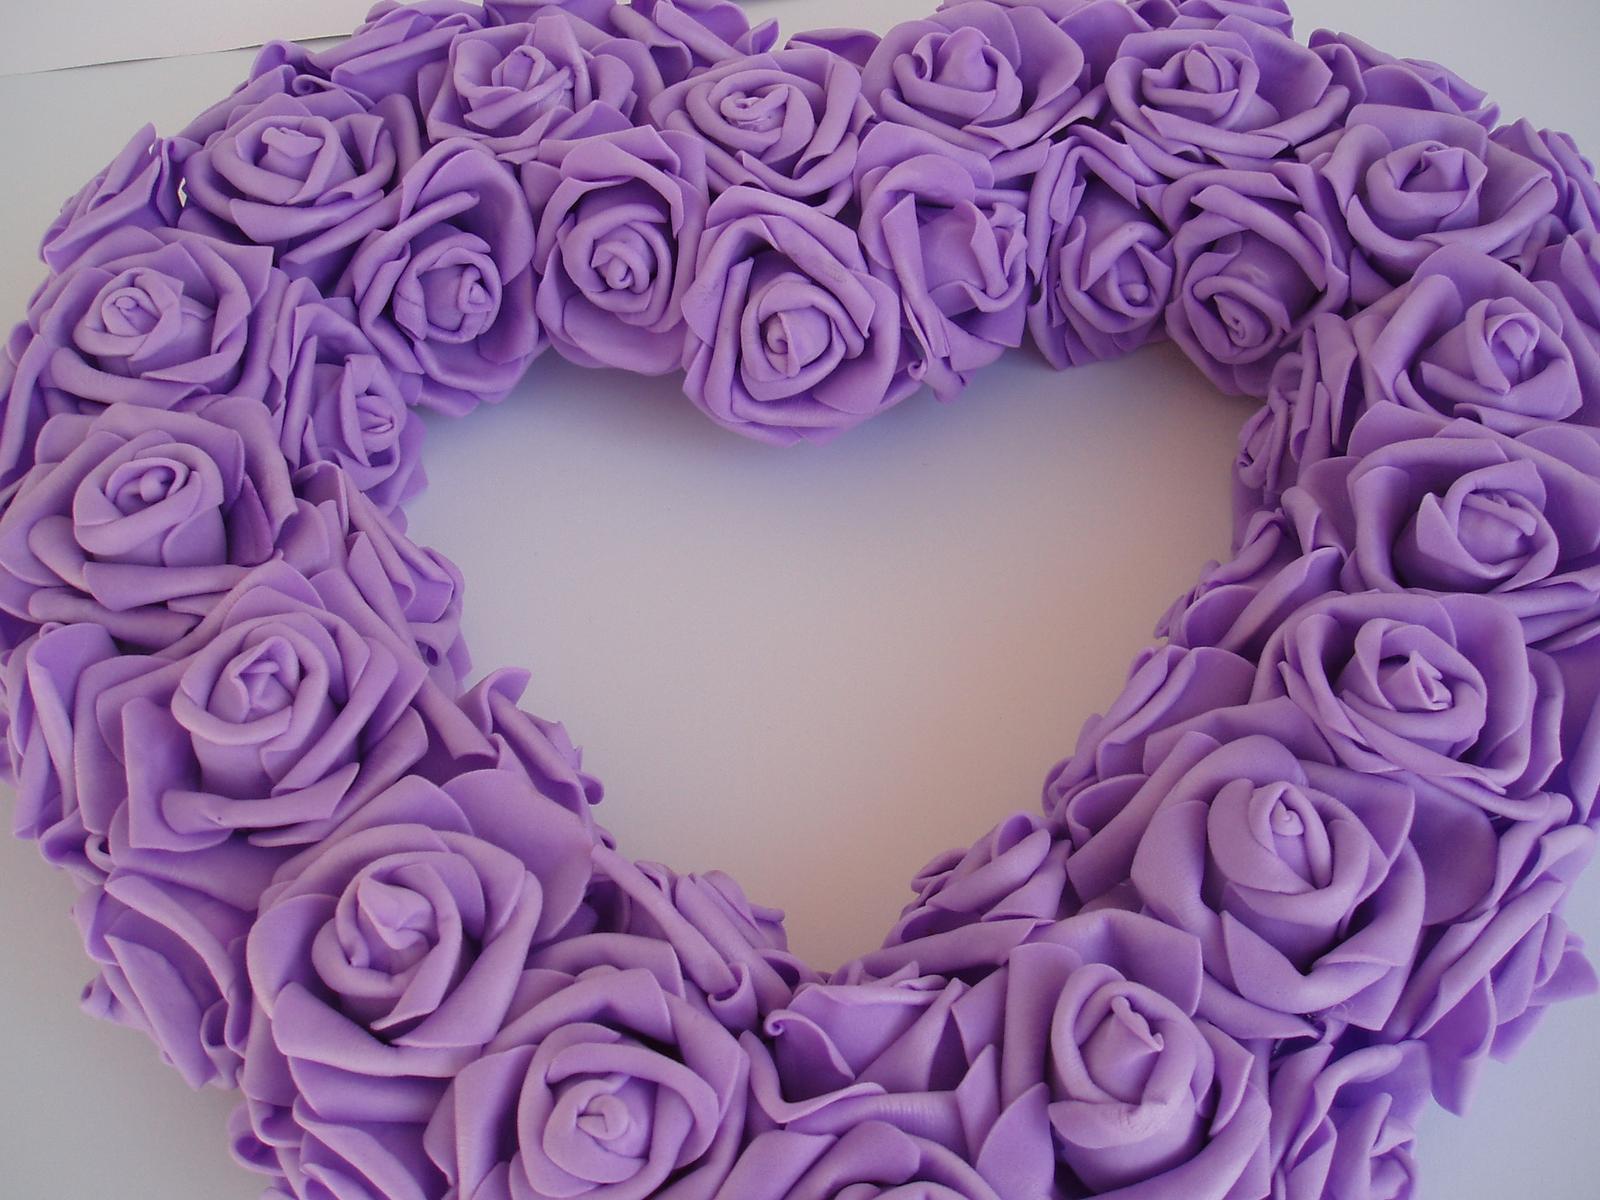 srdce z pěnových růží-fialové - Obrázek č. 2